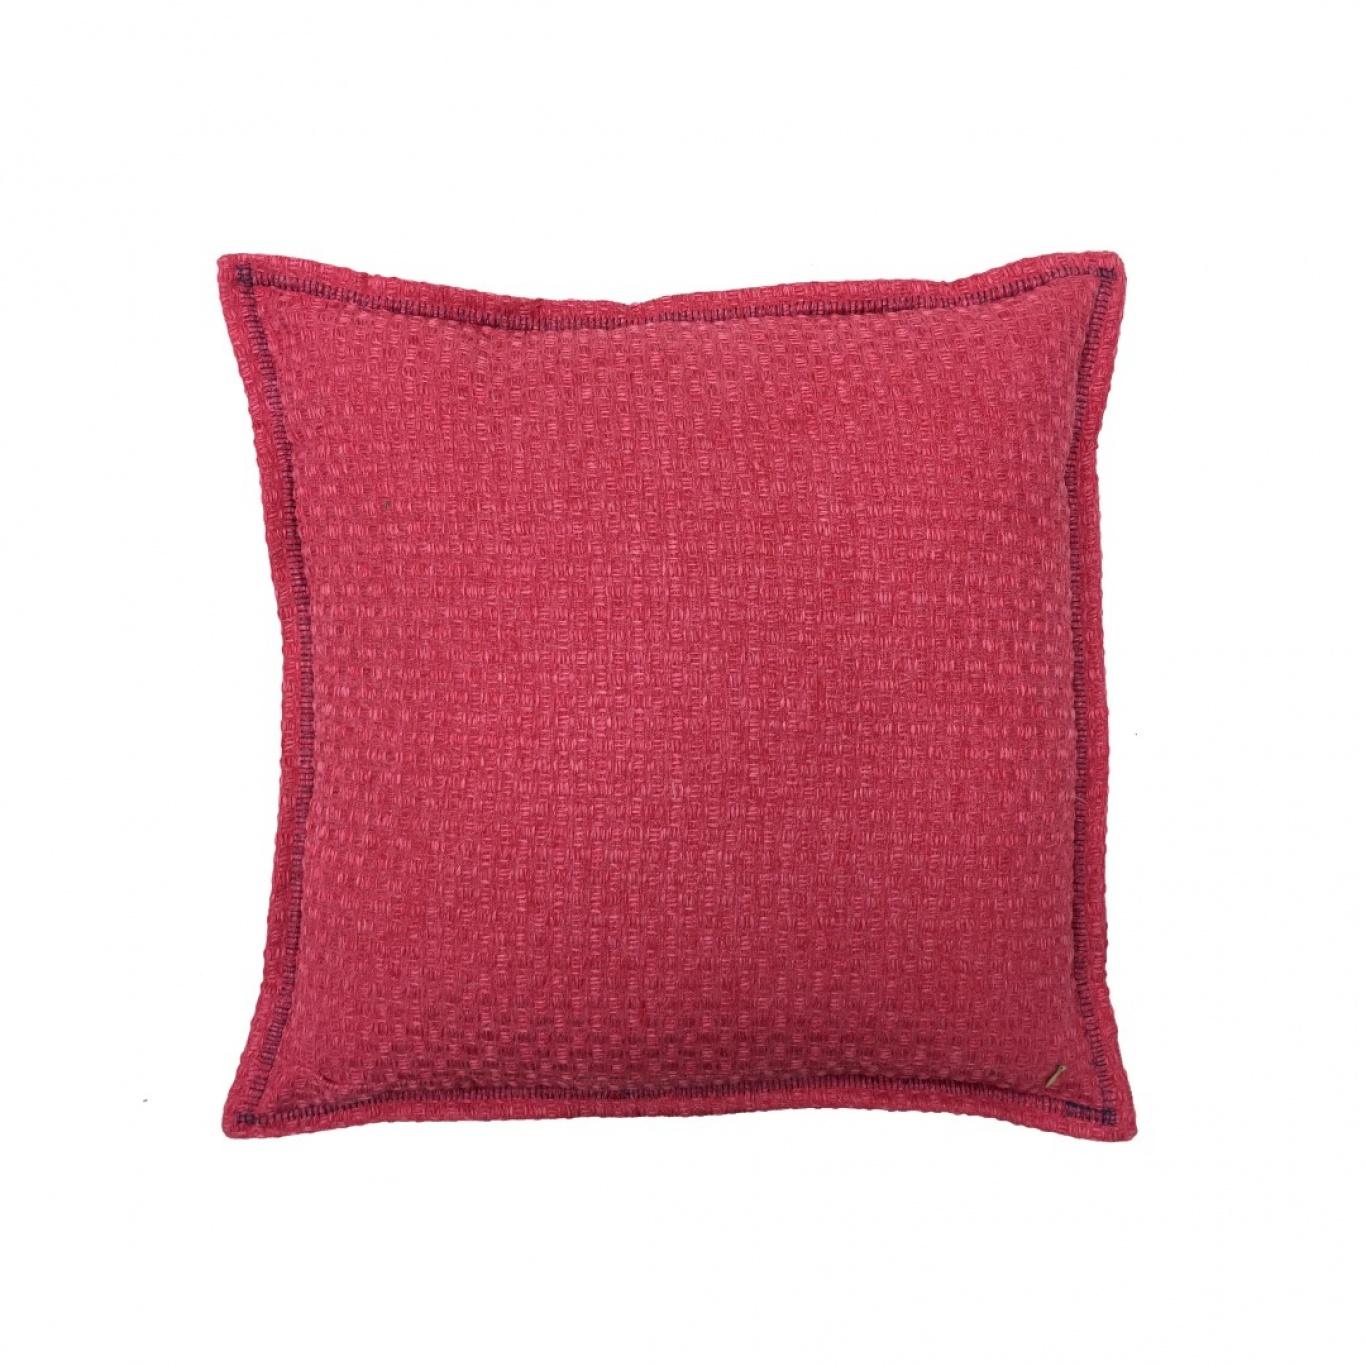 Image of Voyage Nessa Peony Cushion